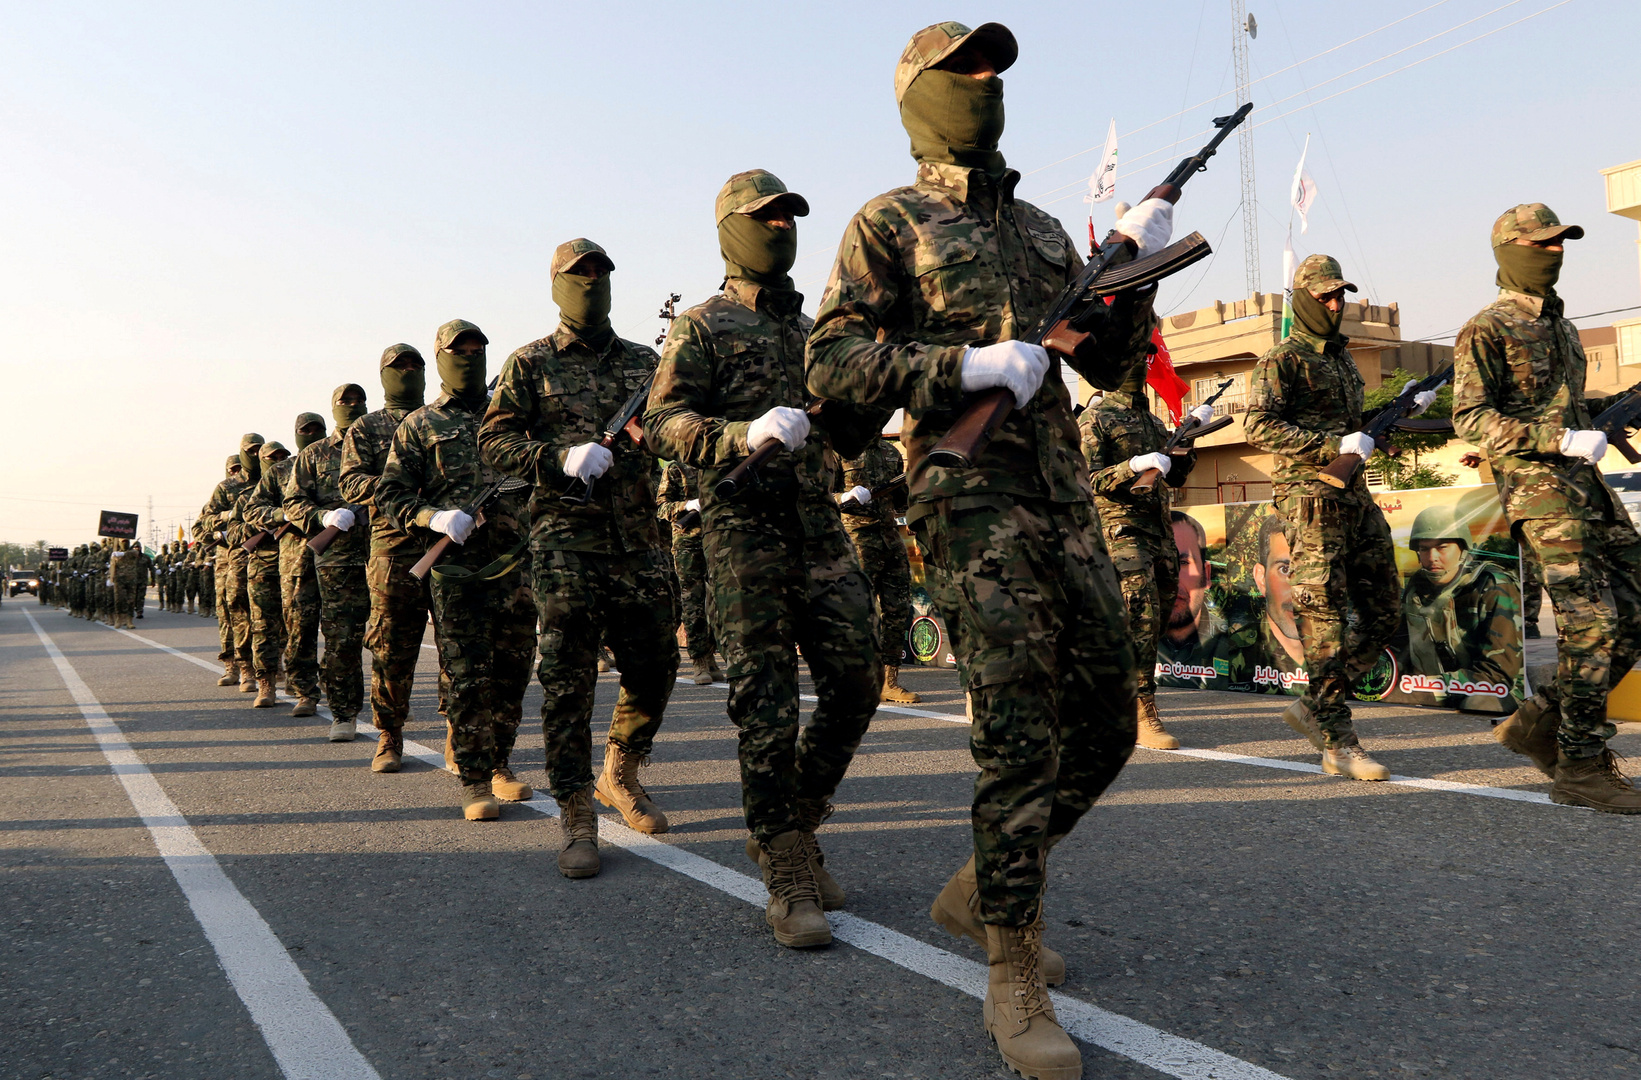 الحرس الثوري الإيراني يؤكد مقتل قاسم سليماني بقصف أمريكي قرب مطار بغداد